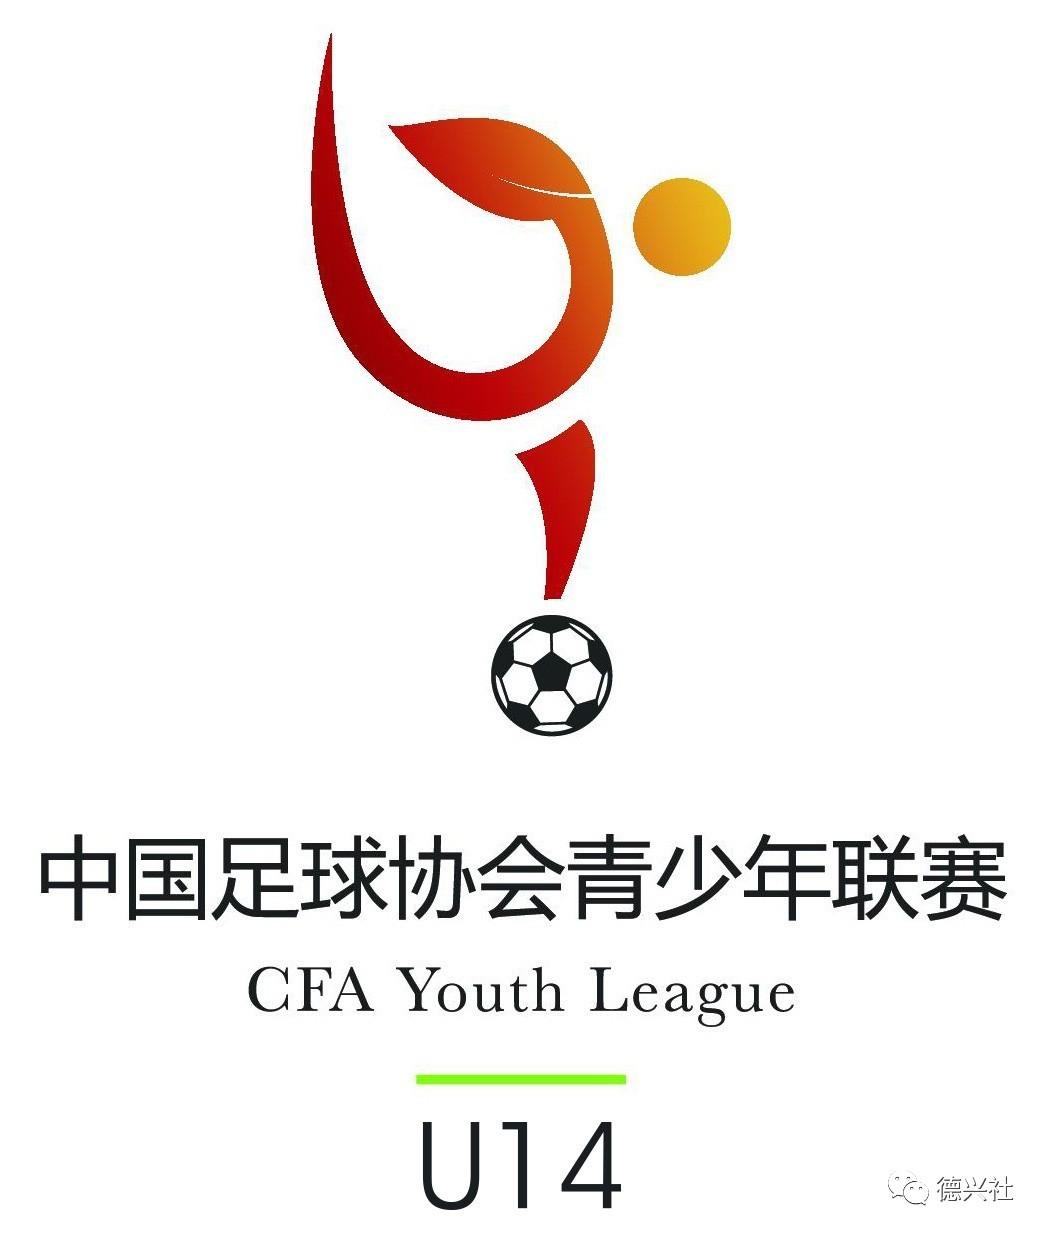 U14联赛第三阶段下半区第五轮●19队仅武汉六中保持全胜 今日展开最终名次战